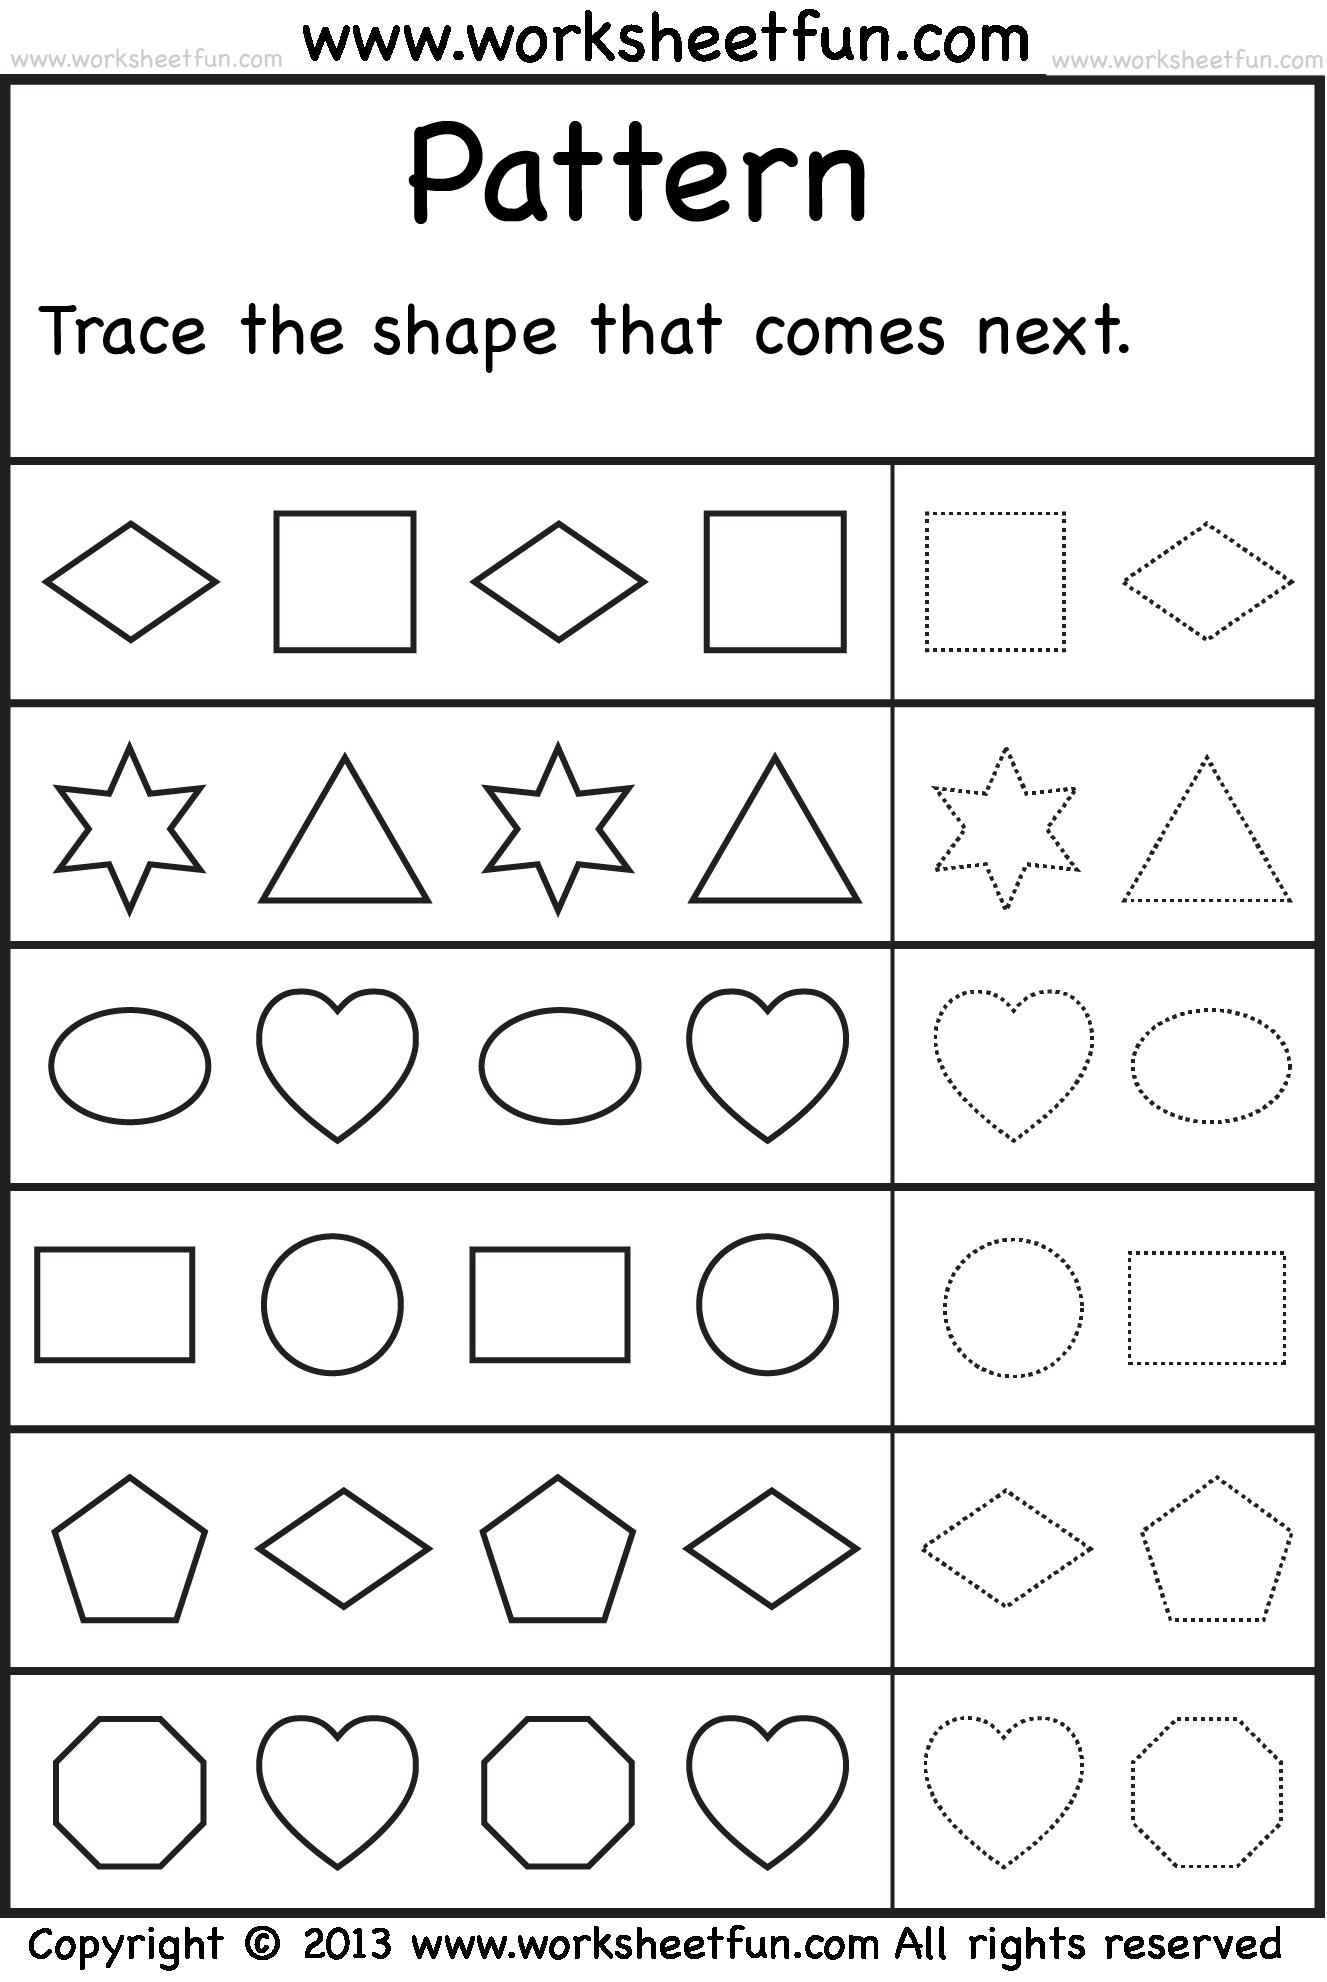 Printable Worksheets For Kindergarten Patterns